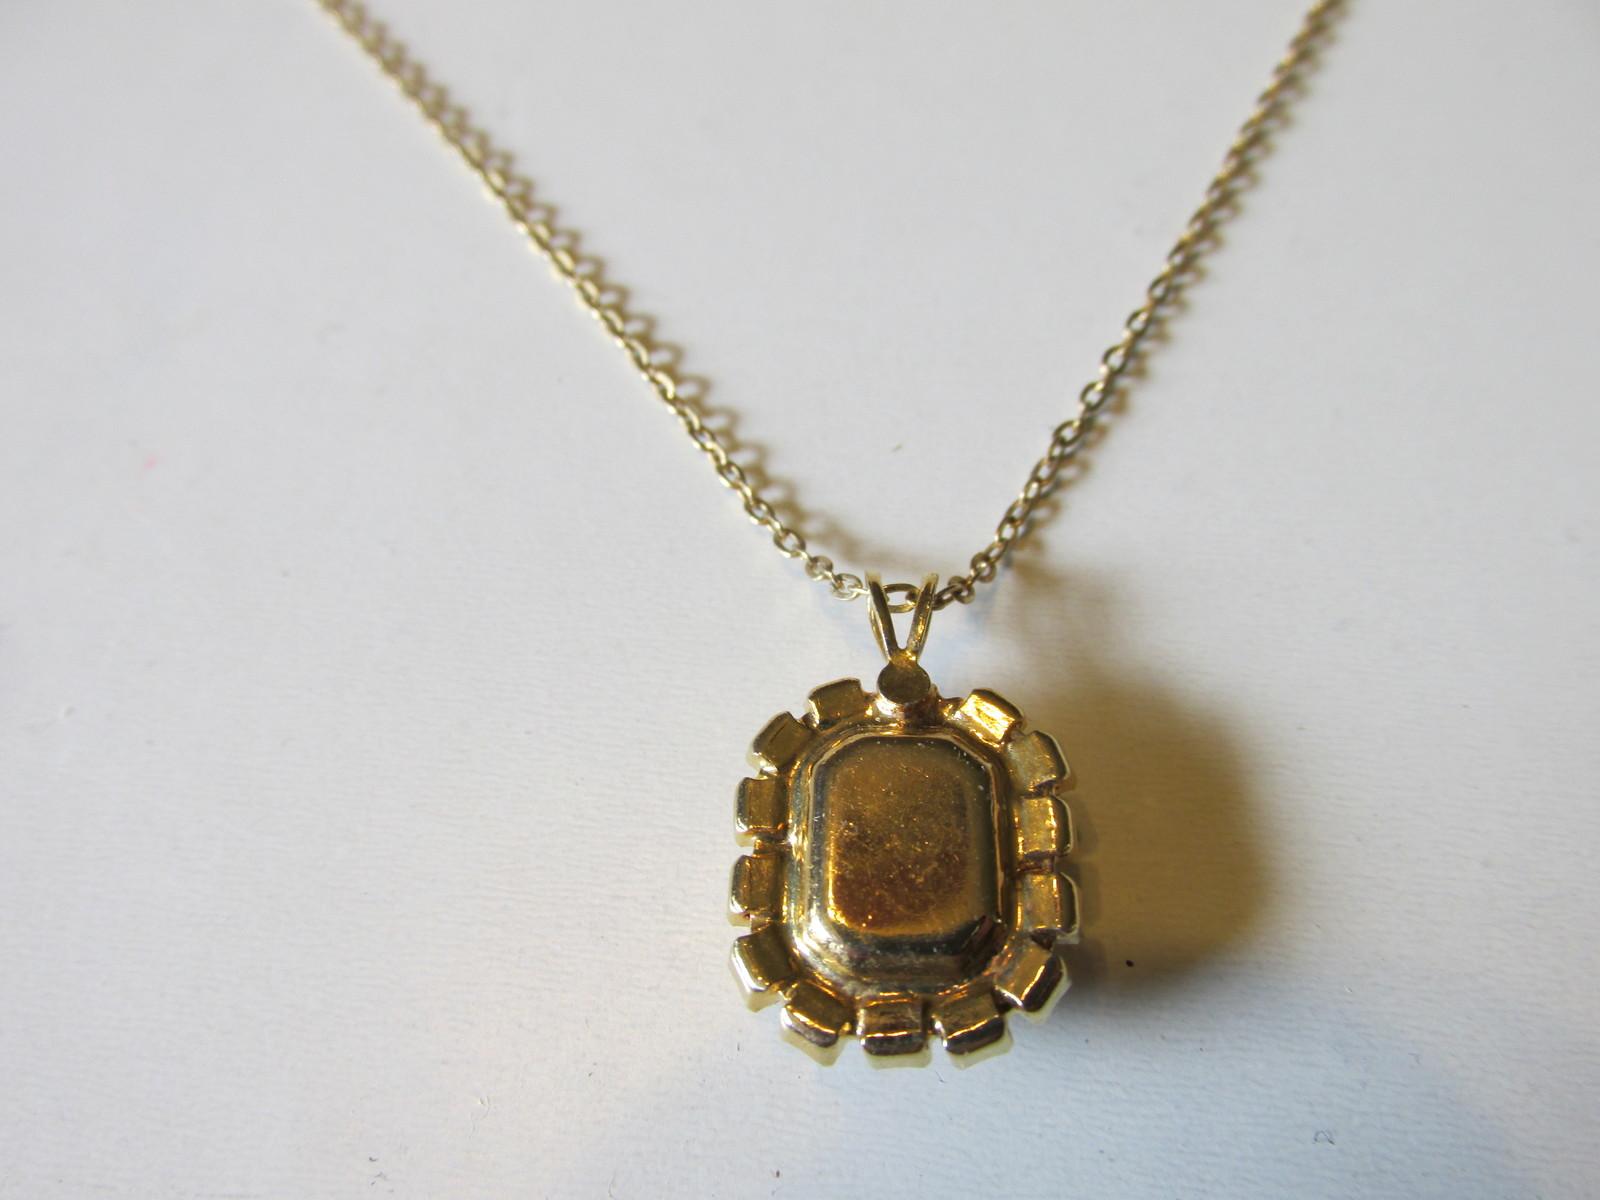 Retro / Vintage Amber Glass & White Rhinestone Prong Set Pendant Necklace